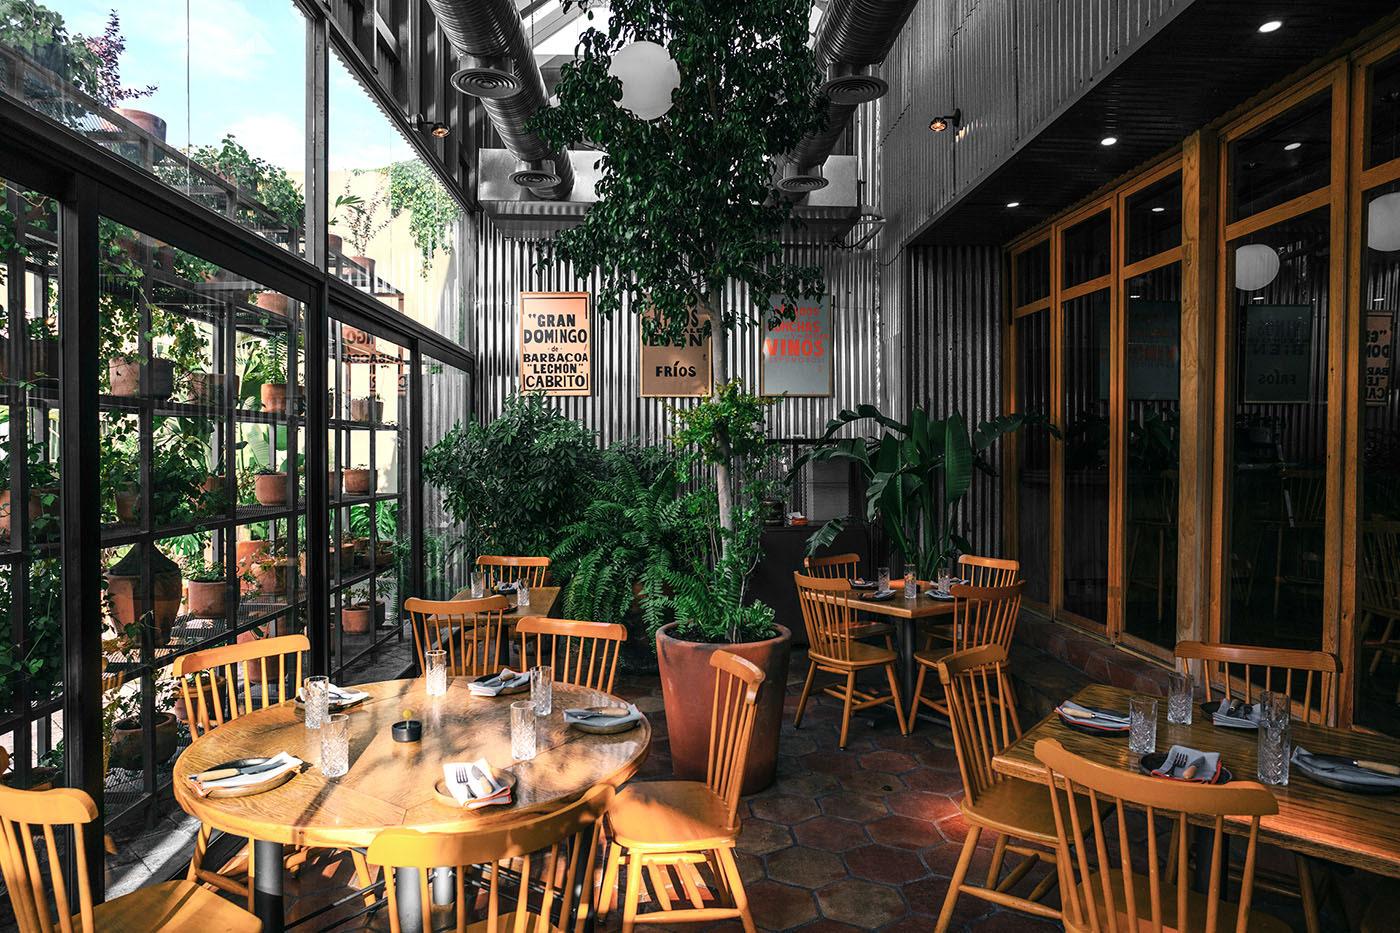 architecture bar design interior design  mexico monterrey OpenTheme plants restaurant Scandinavian design